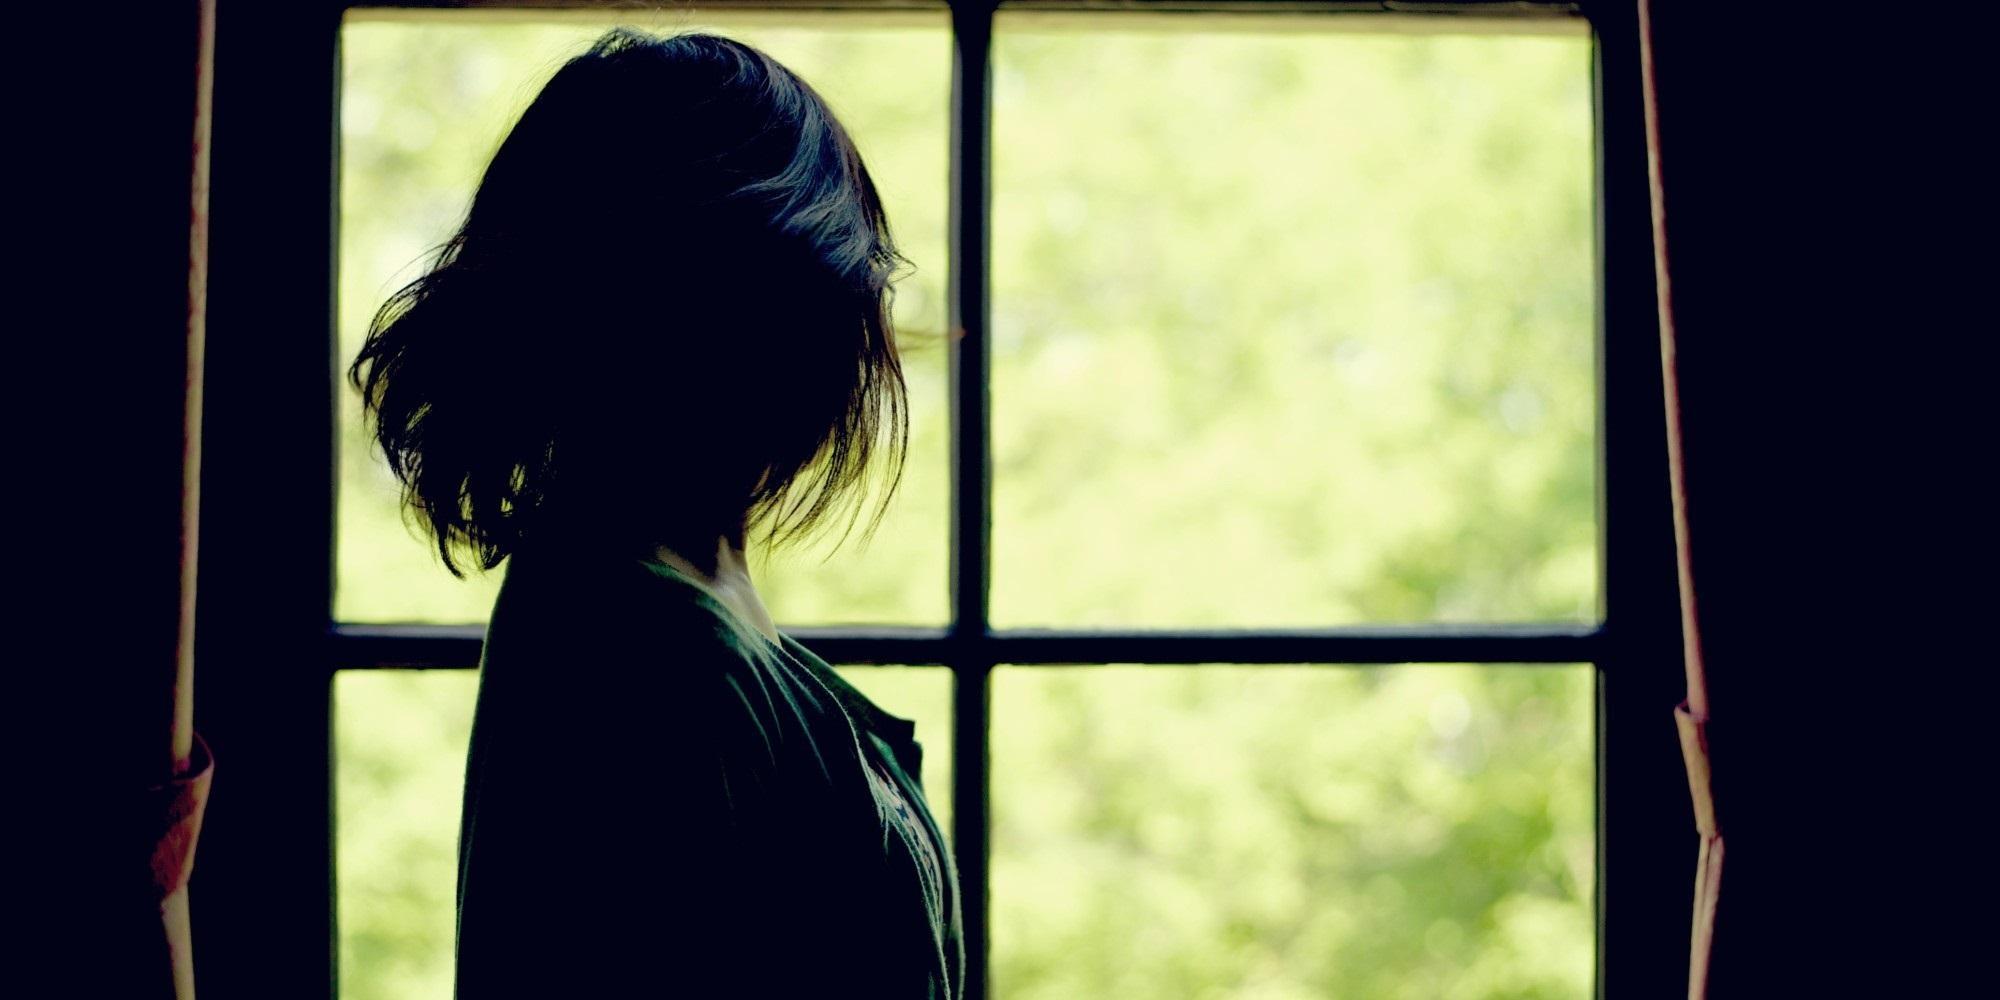 Đàn bà lấy chồng cứ tưởng bão dừng sau cánh cửa nào ngờ sóng ngầm lại đến từ bên trong - Ảnh 4